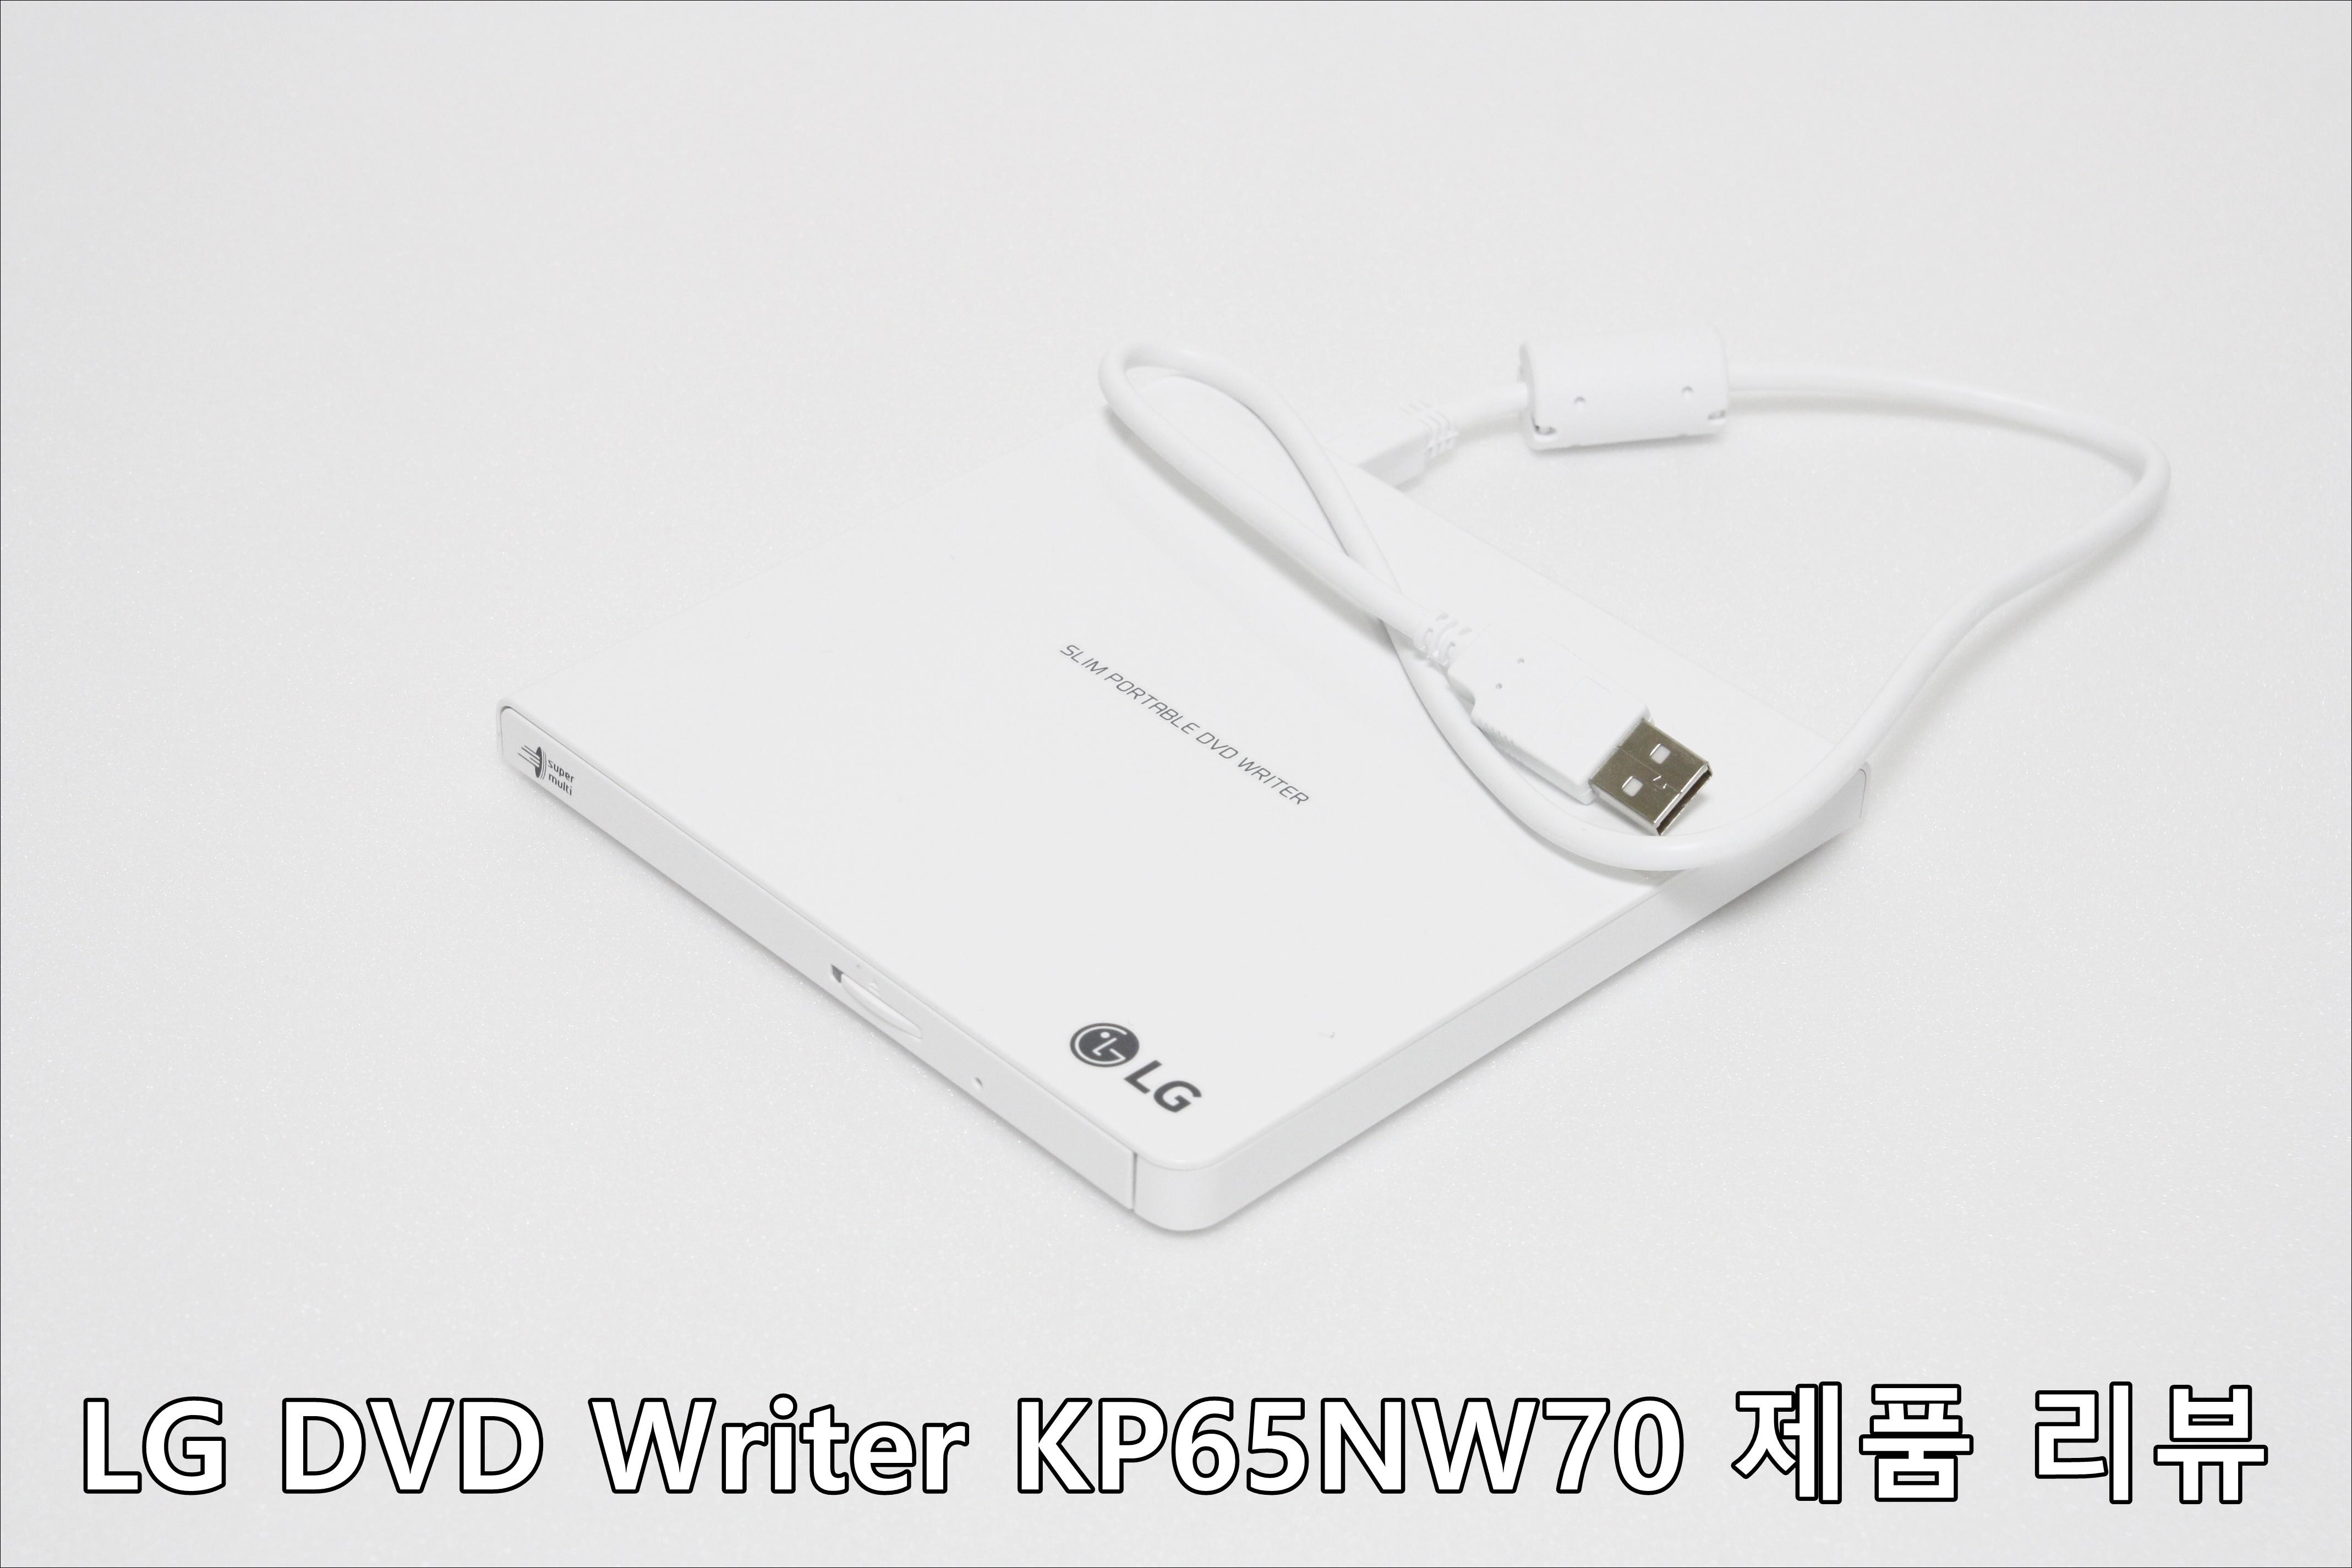 가볍고 편리한 LG 전자 KP65NW70 DVD ...